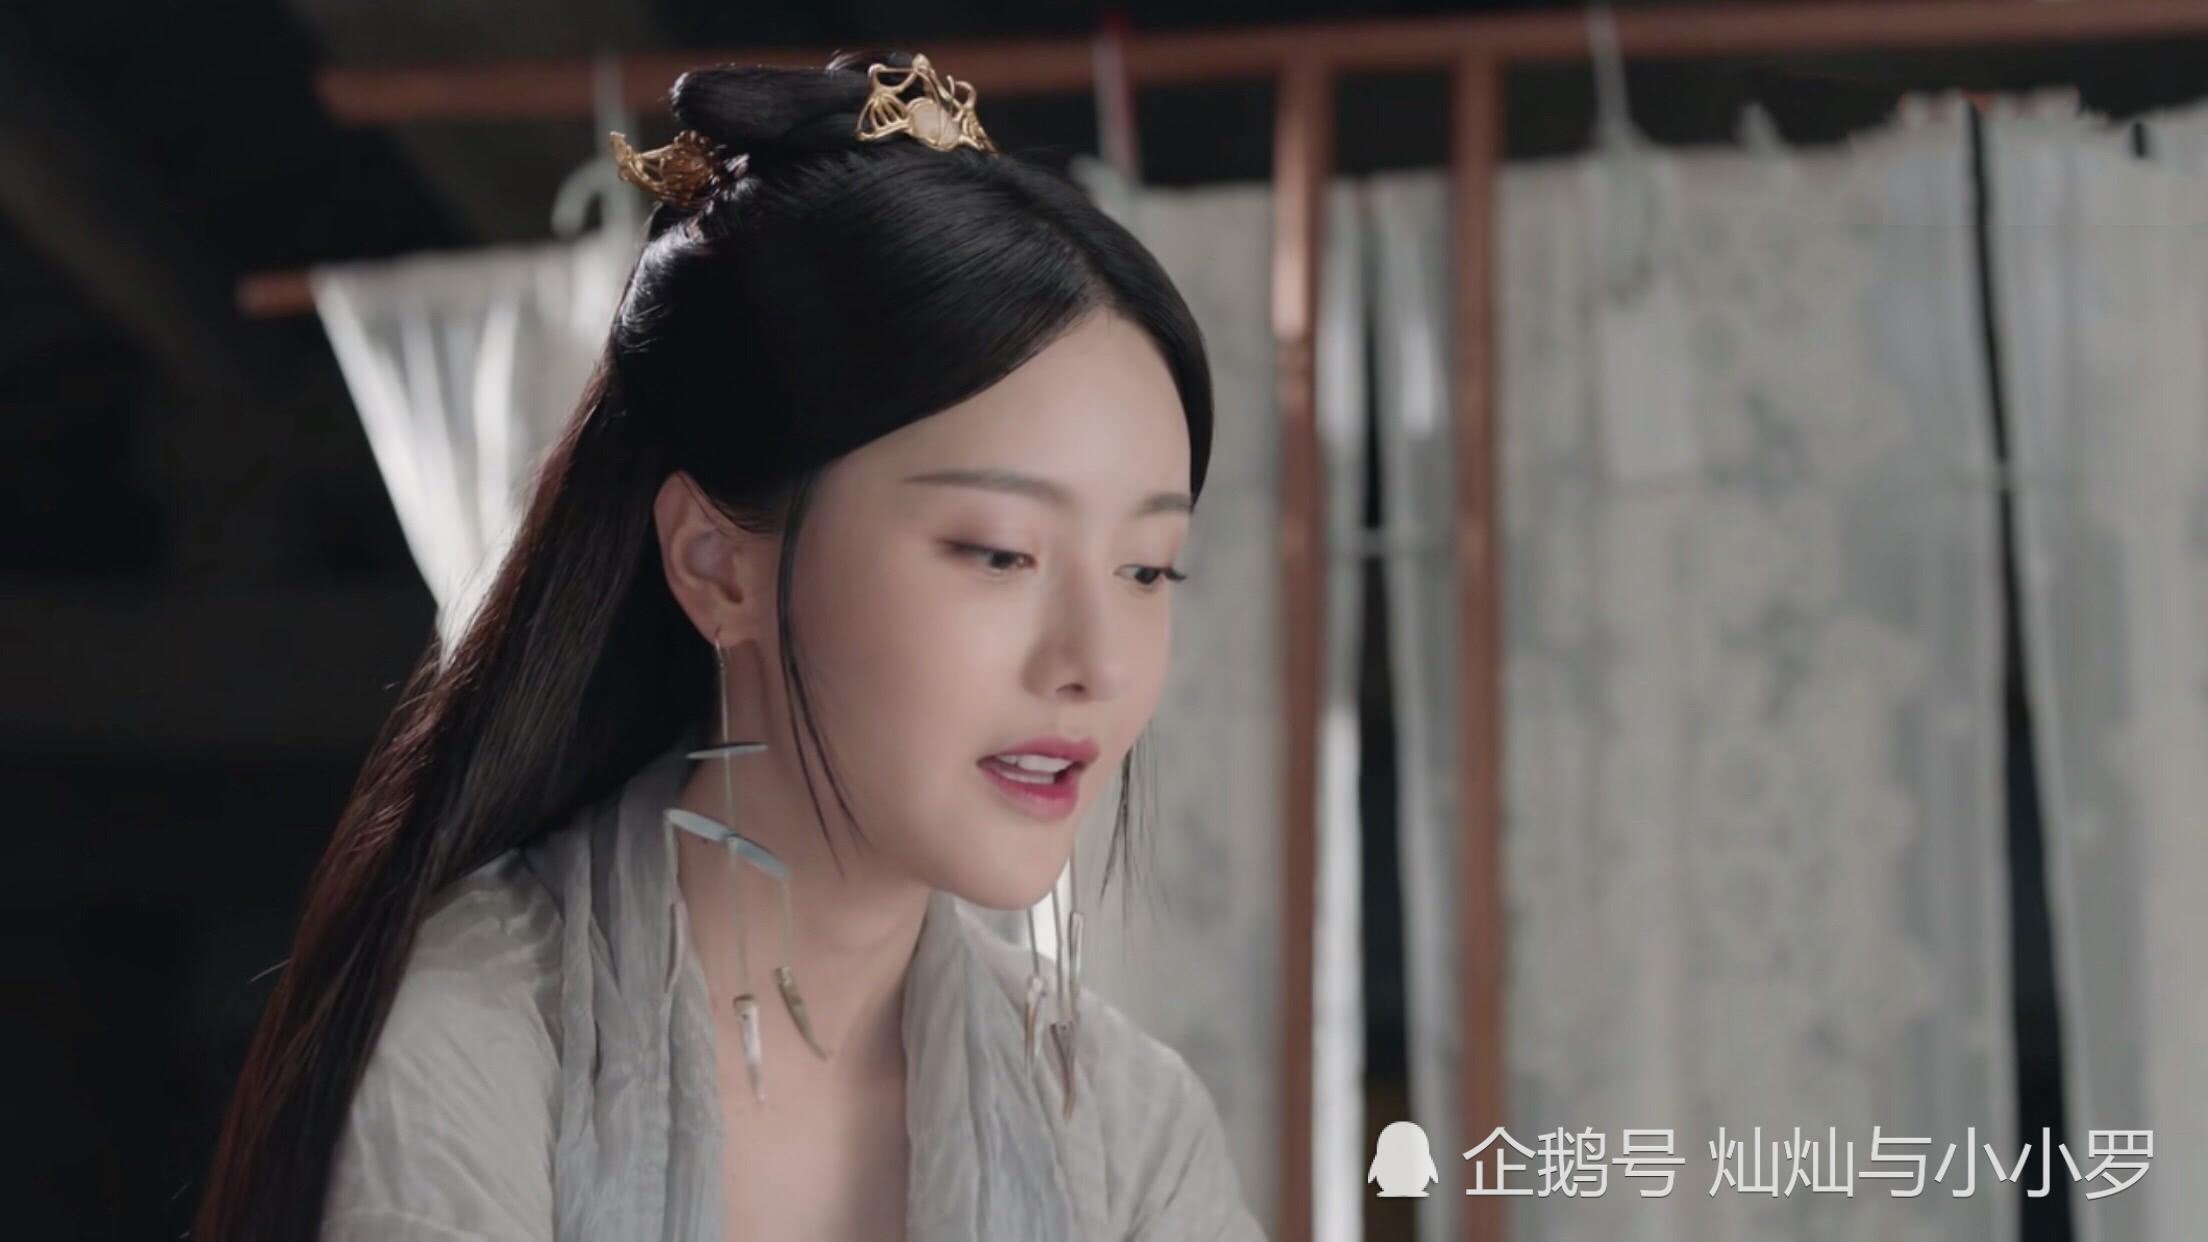 <b>宸汐缘:青瑶的五个凡间造型,白衣虽美,最后一个真的如仙女下凡</b>